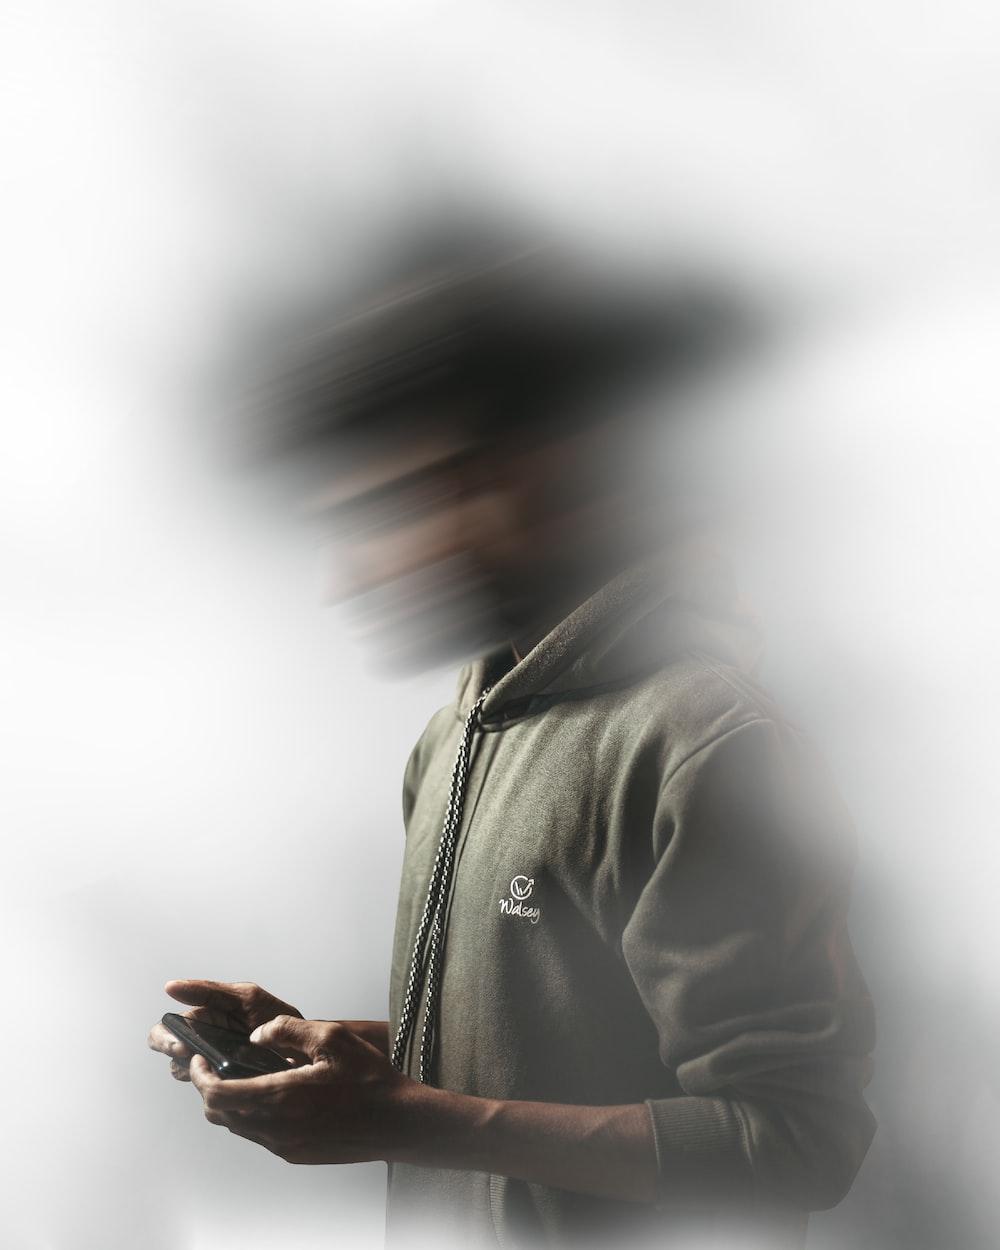 man in gray hoodie using smartphone